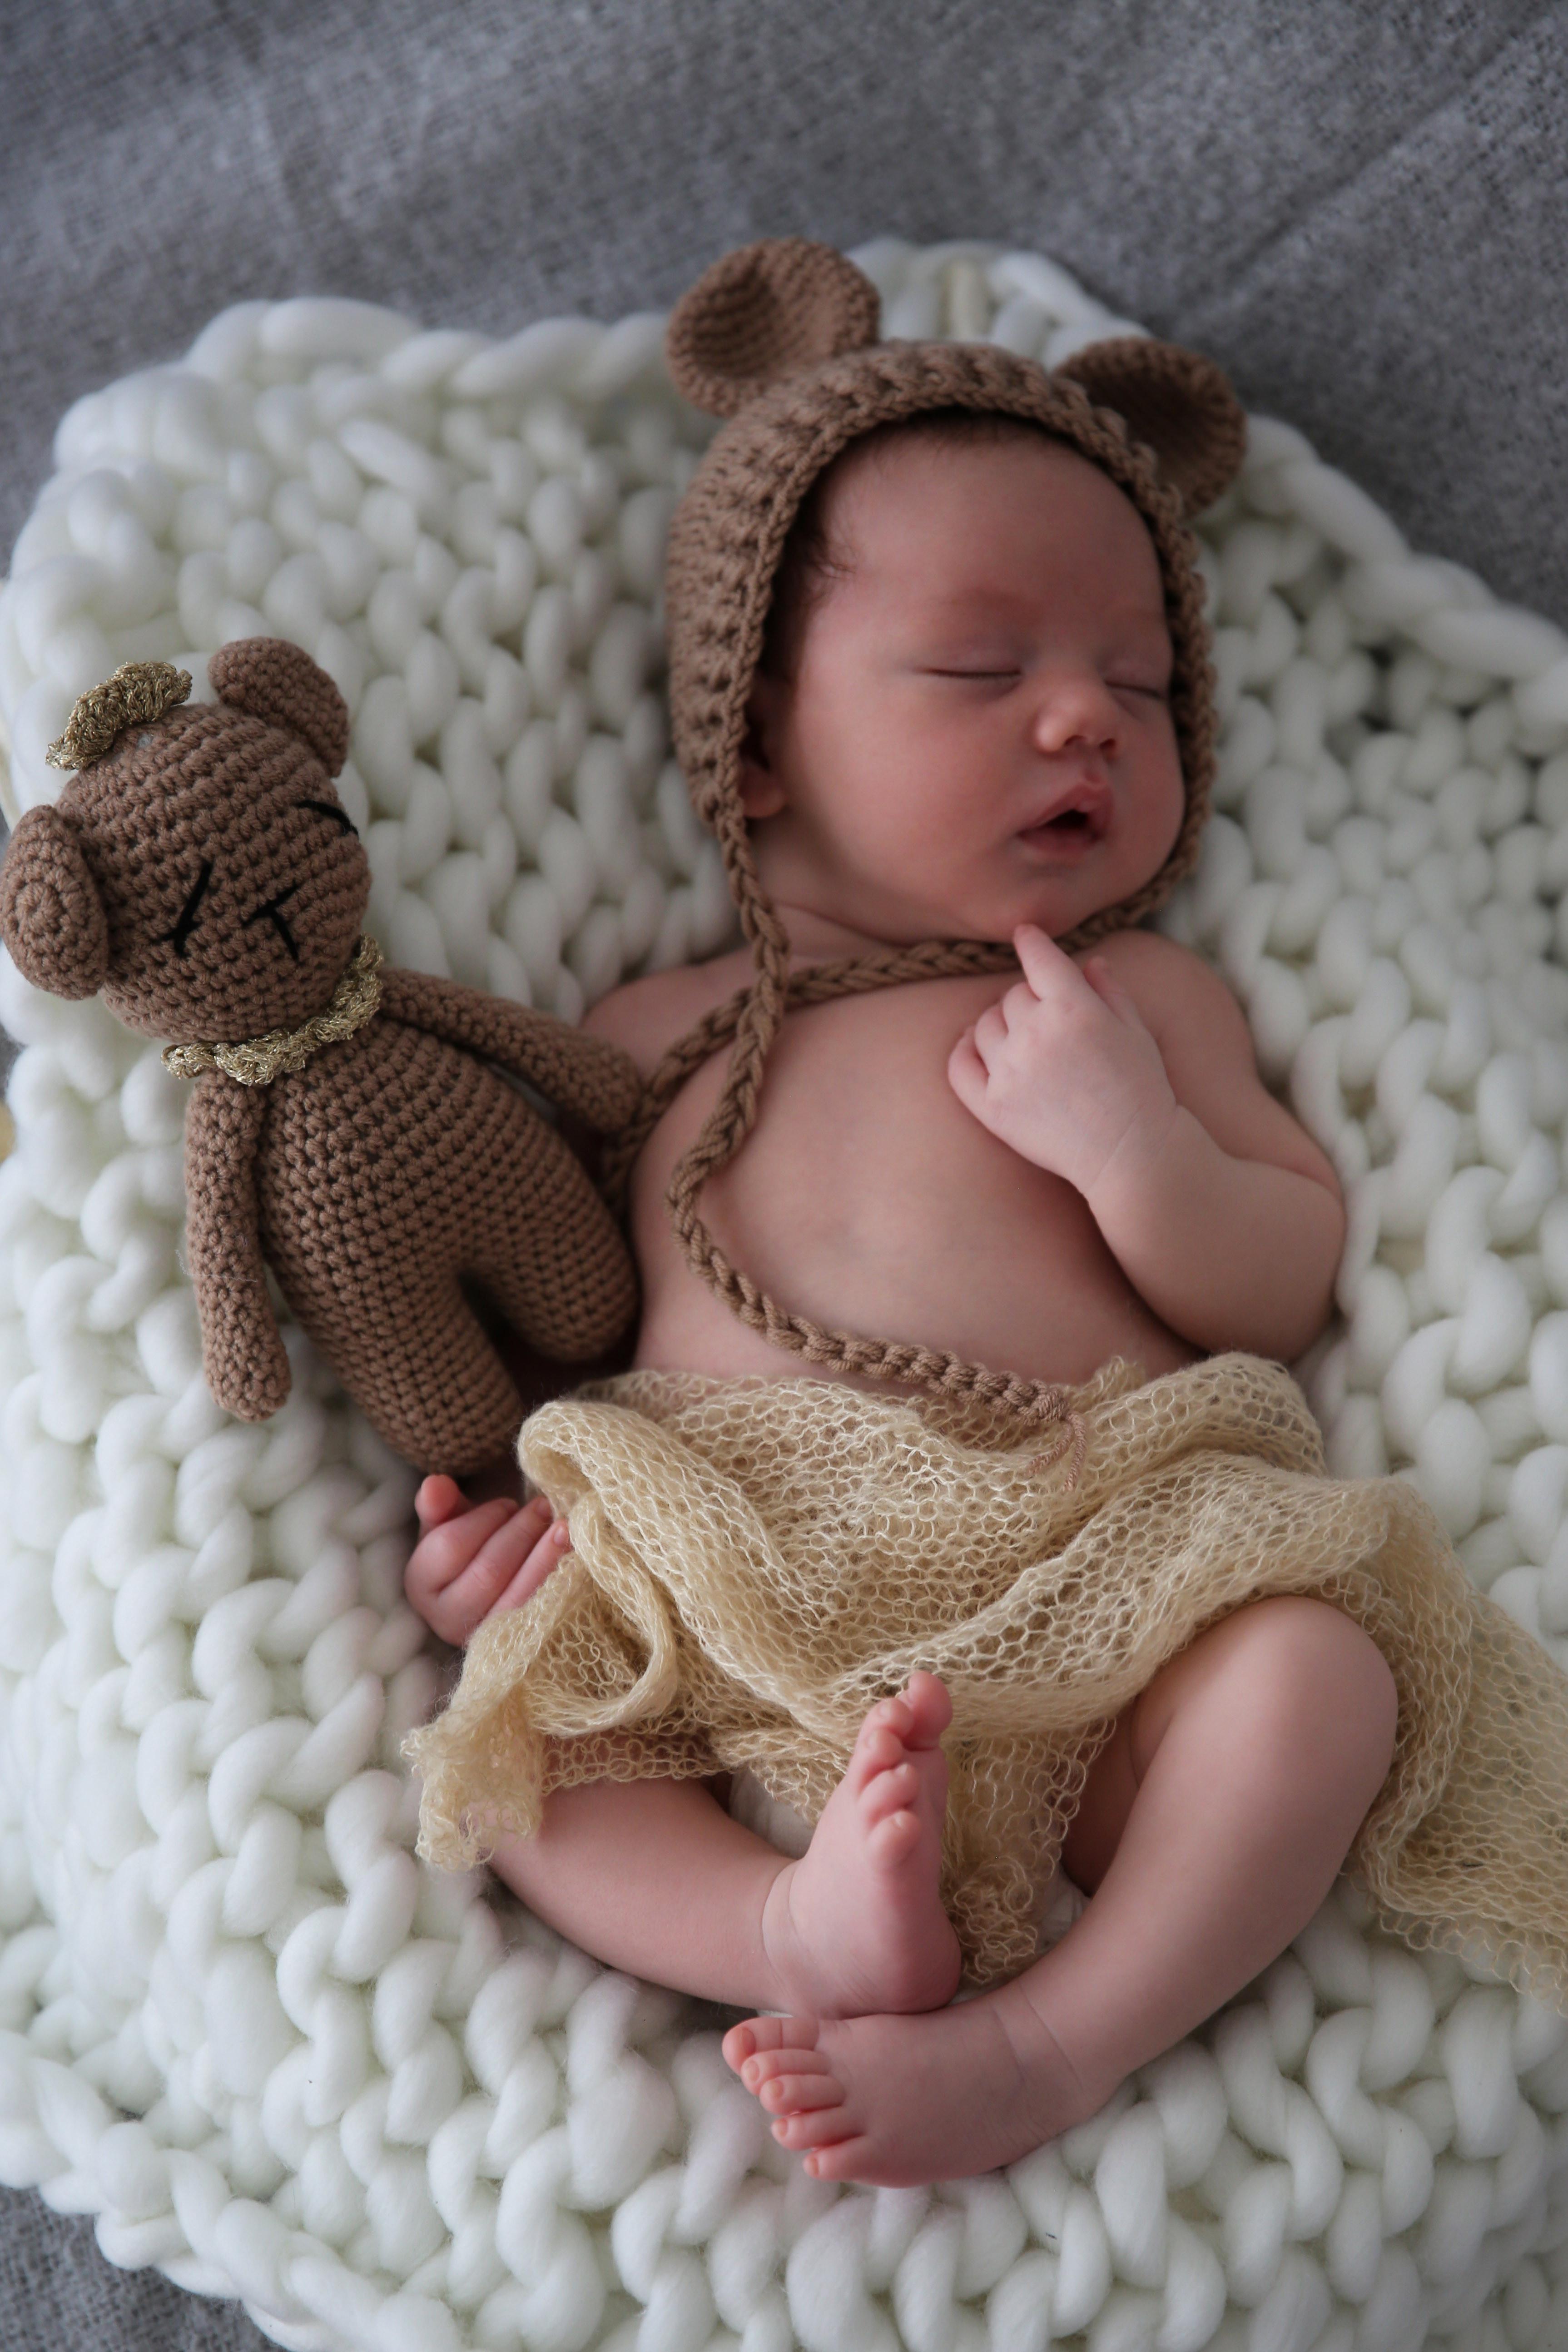 Bébé + parents + 1 enfant